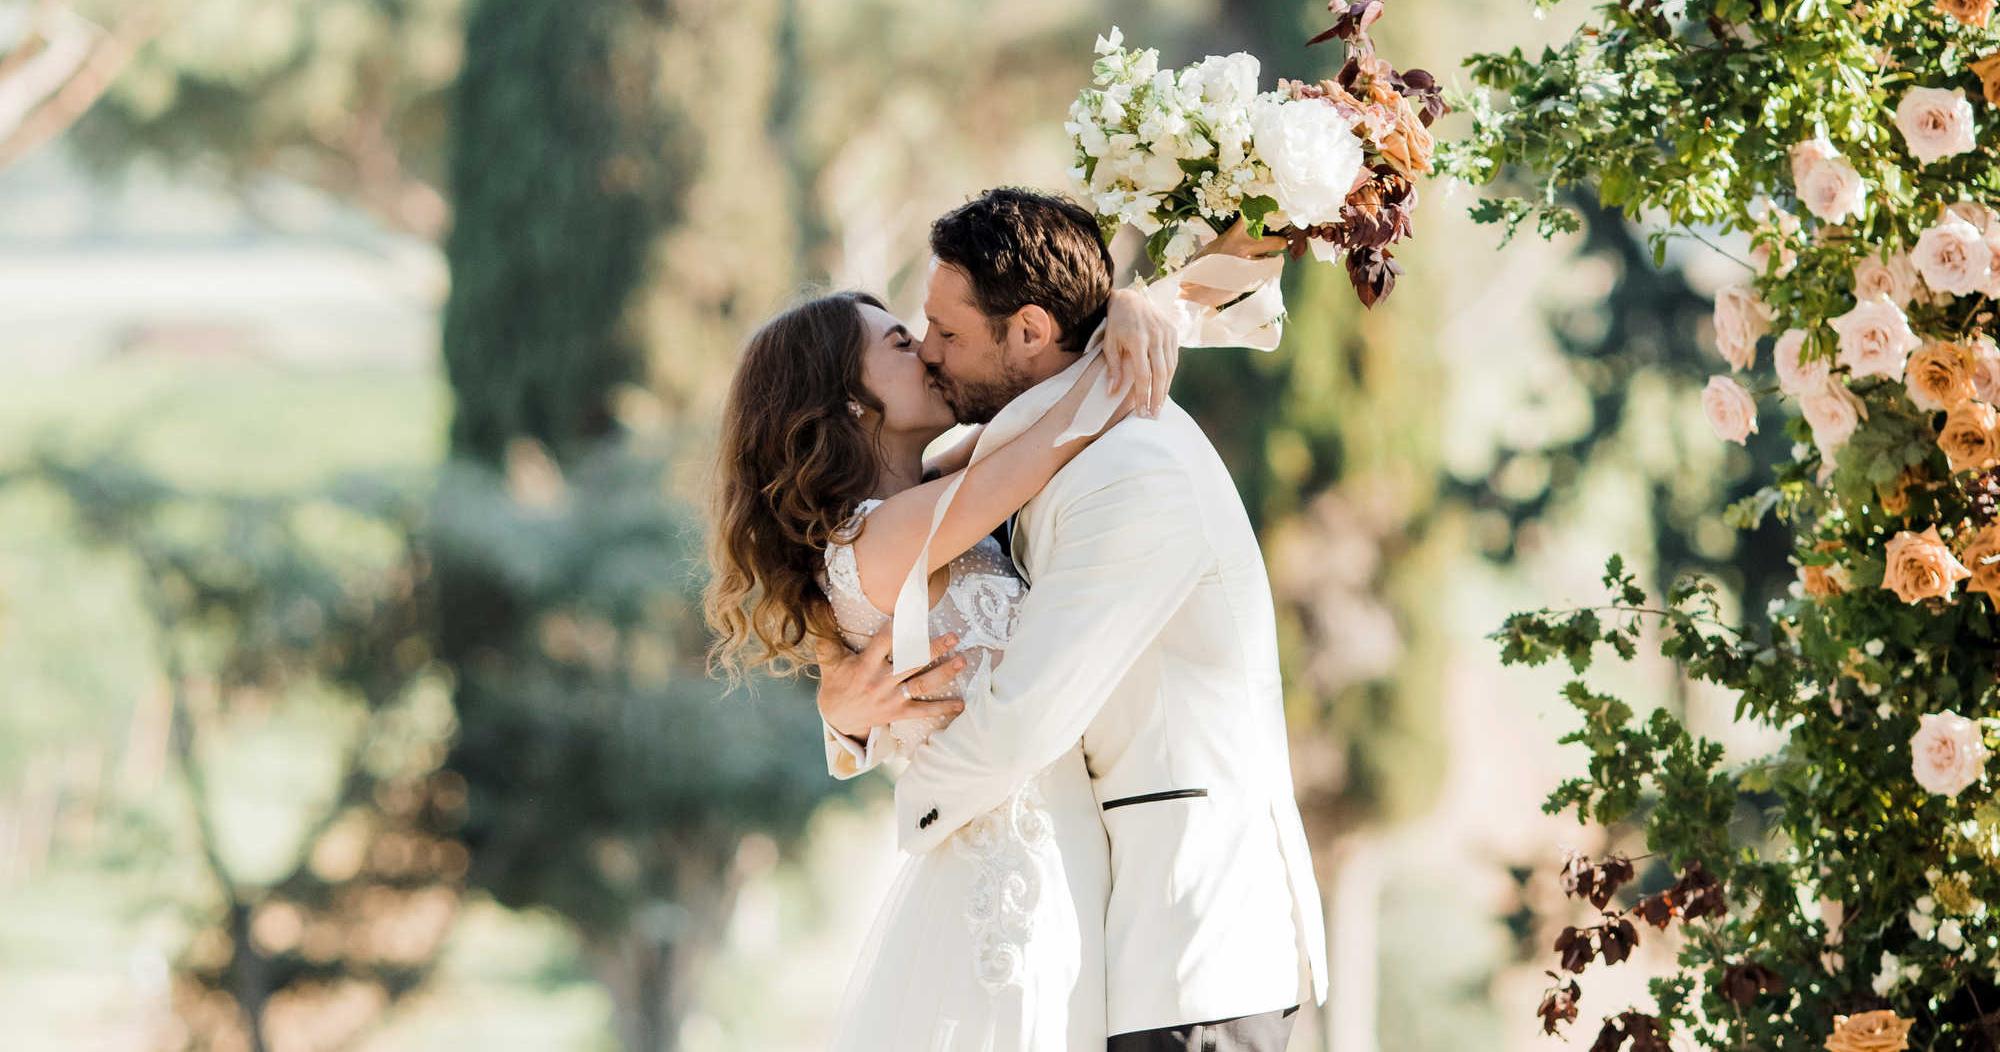 Свадьба актера Евгения Пронина в итальянском бутик-отеле